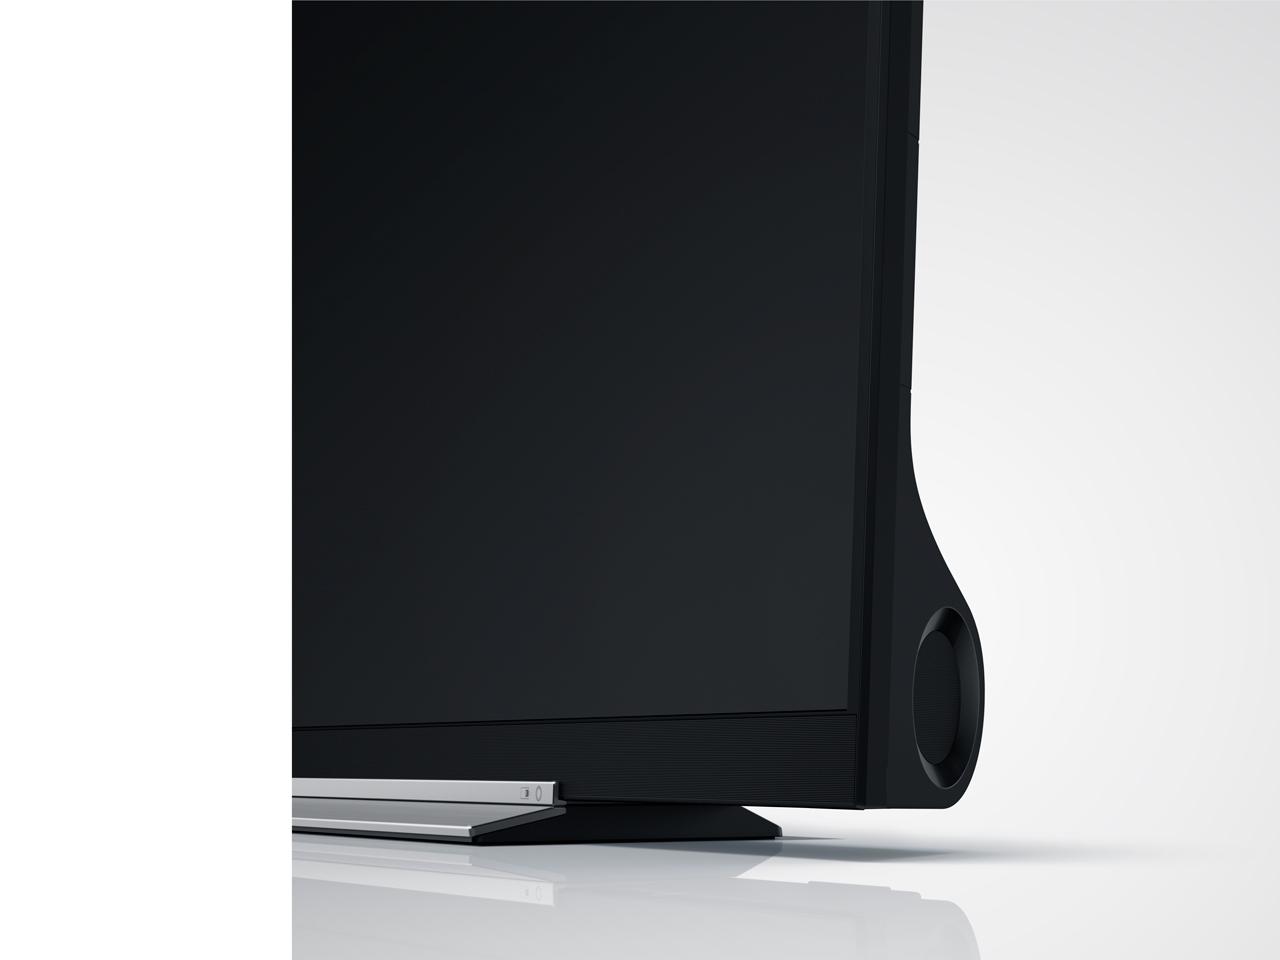 『本体 部分アップ』 REGZA 55BZ710X [55インチ] の製品画像